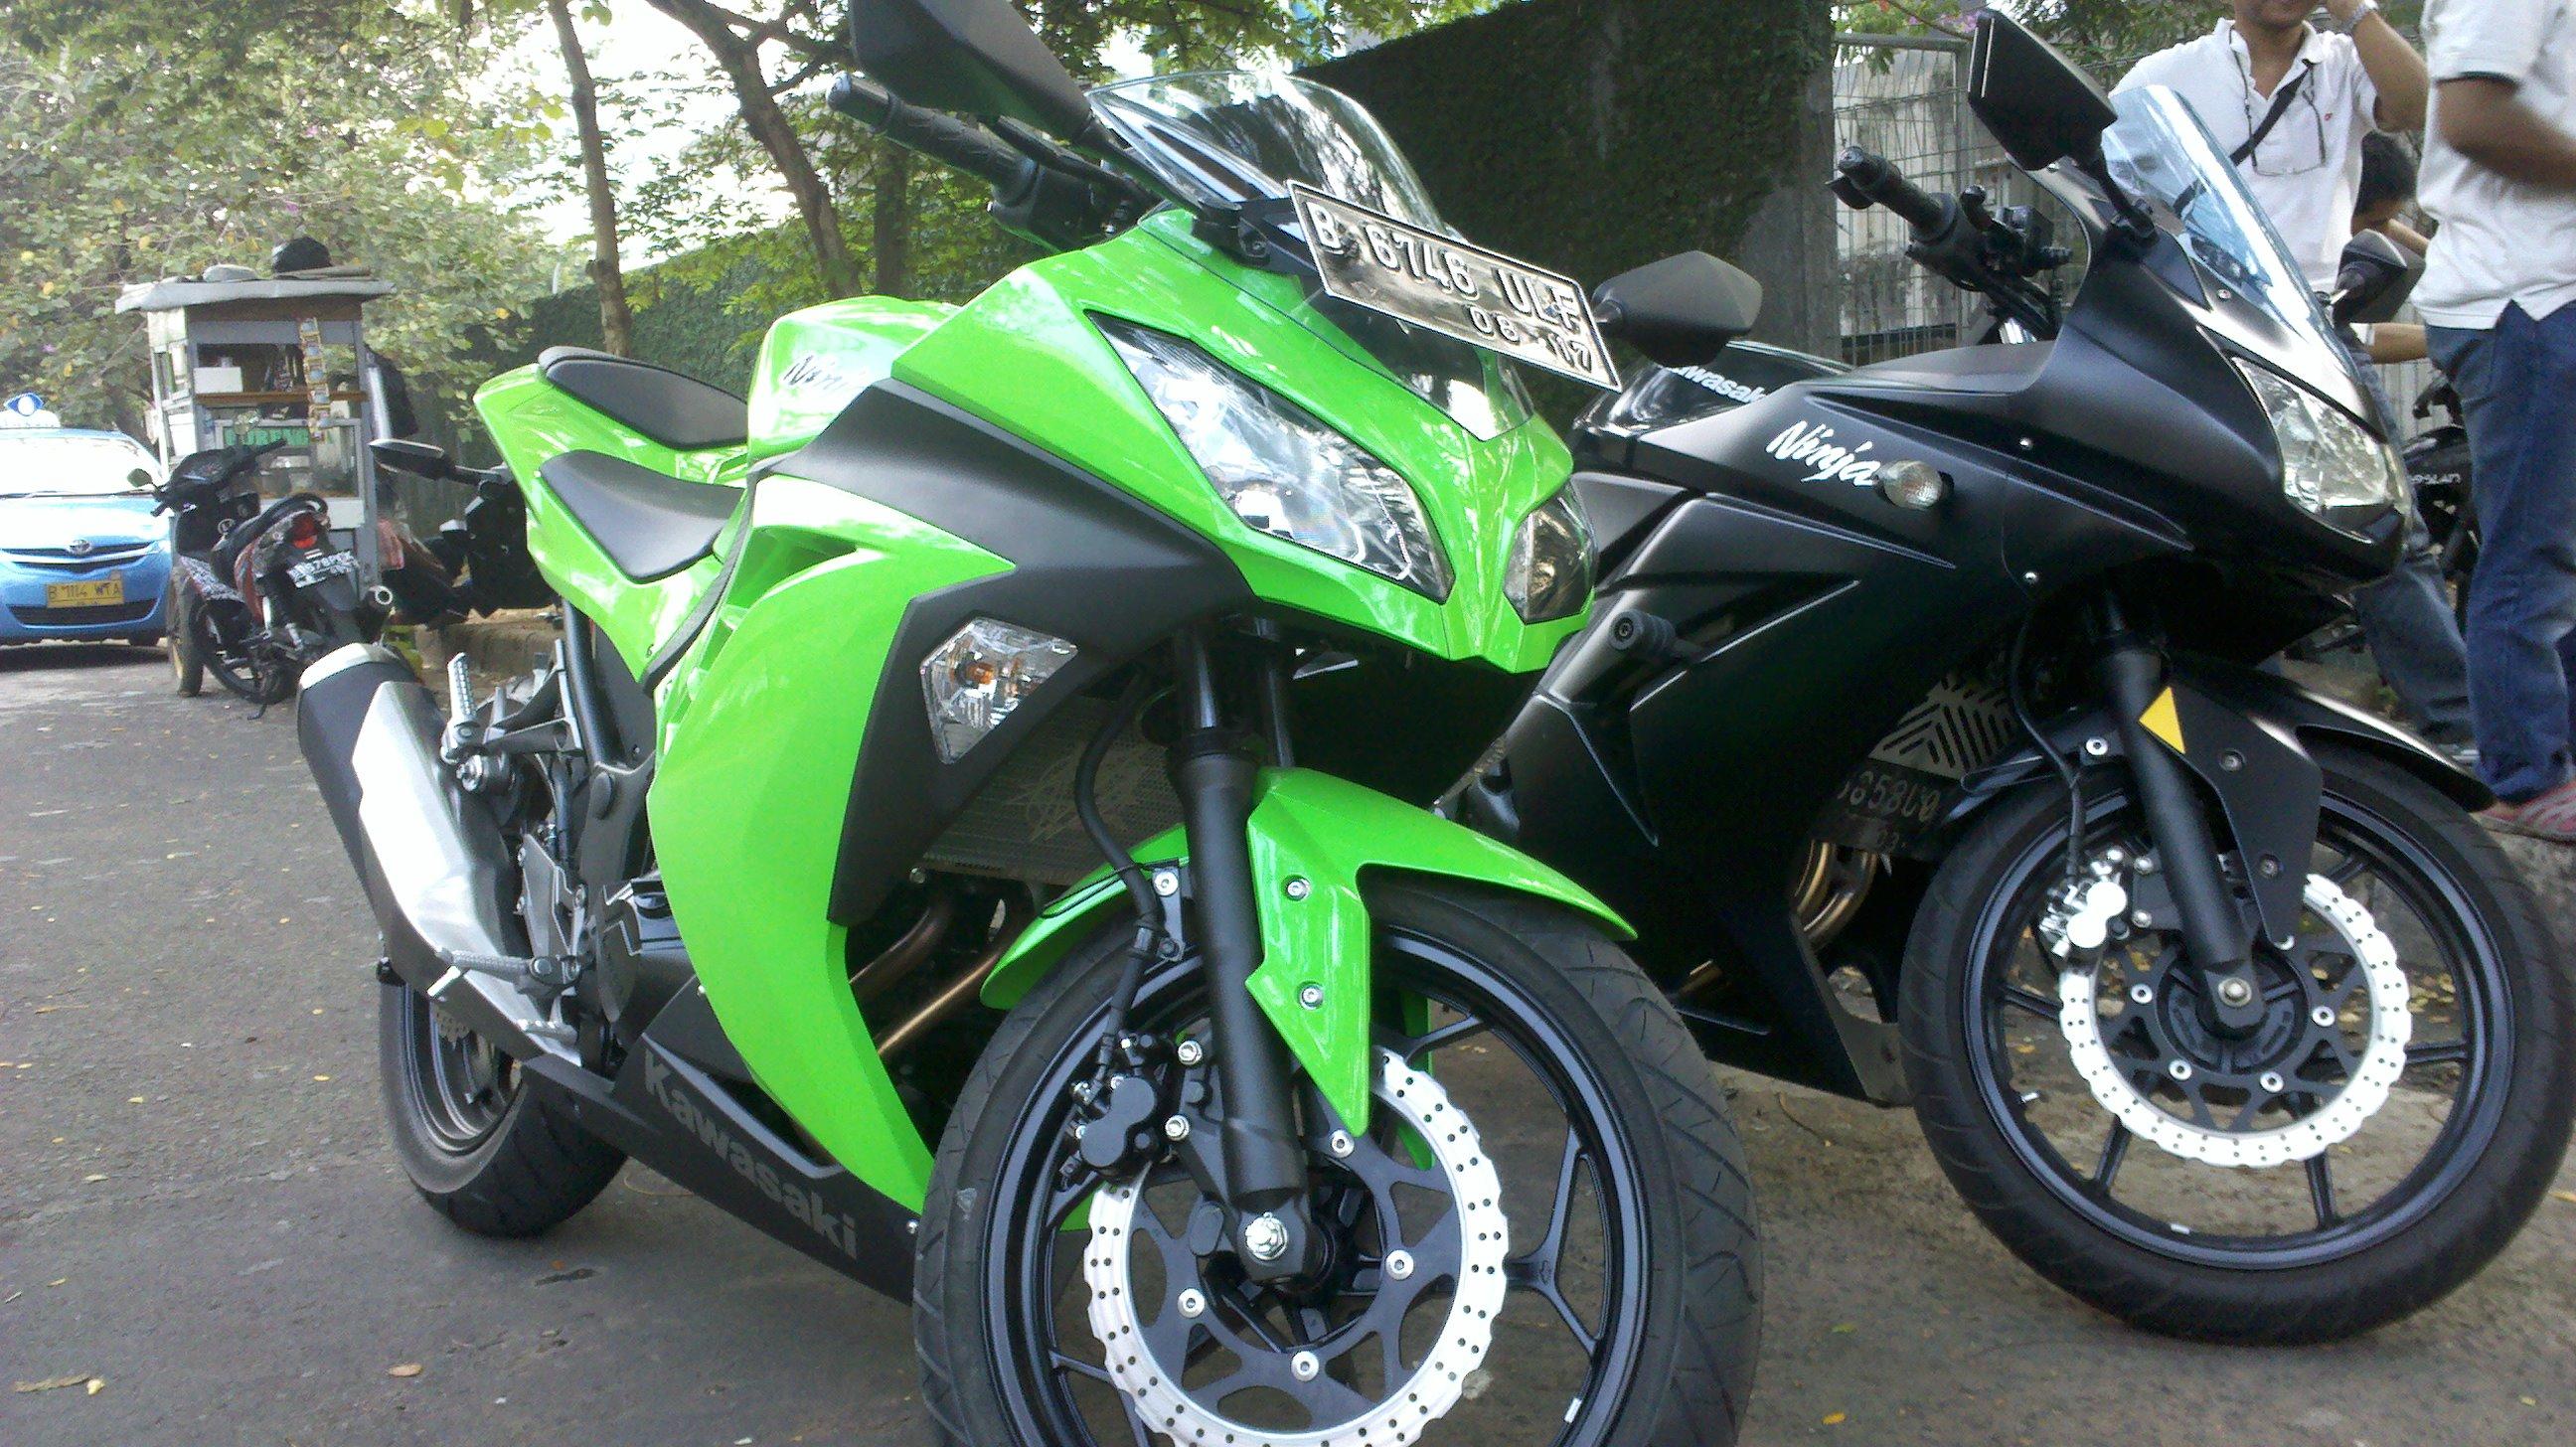 2013 Kawasaki Ninja 250 Fi Riding Impression  Part